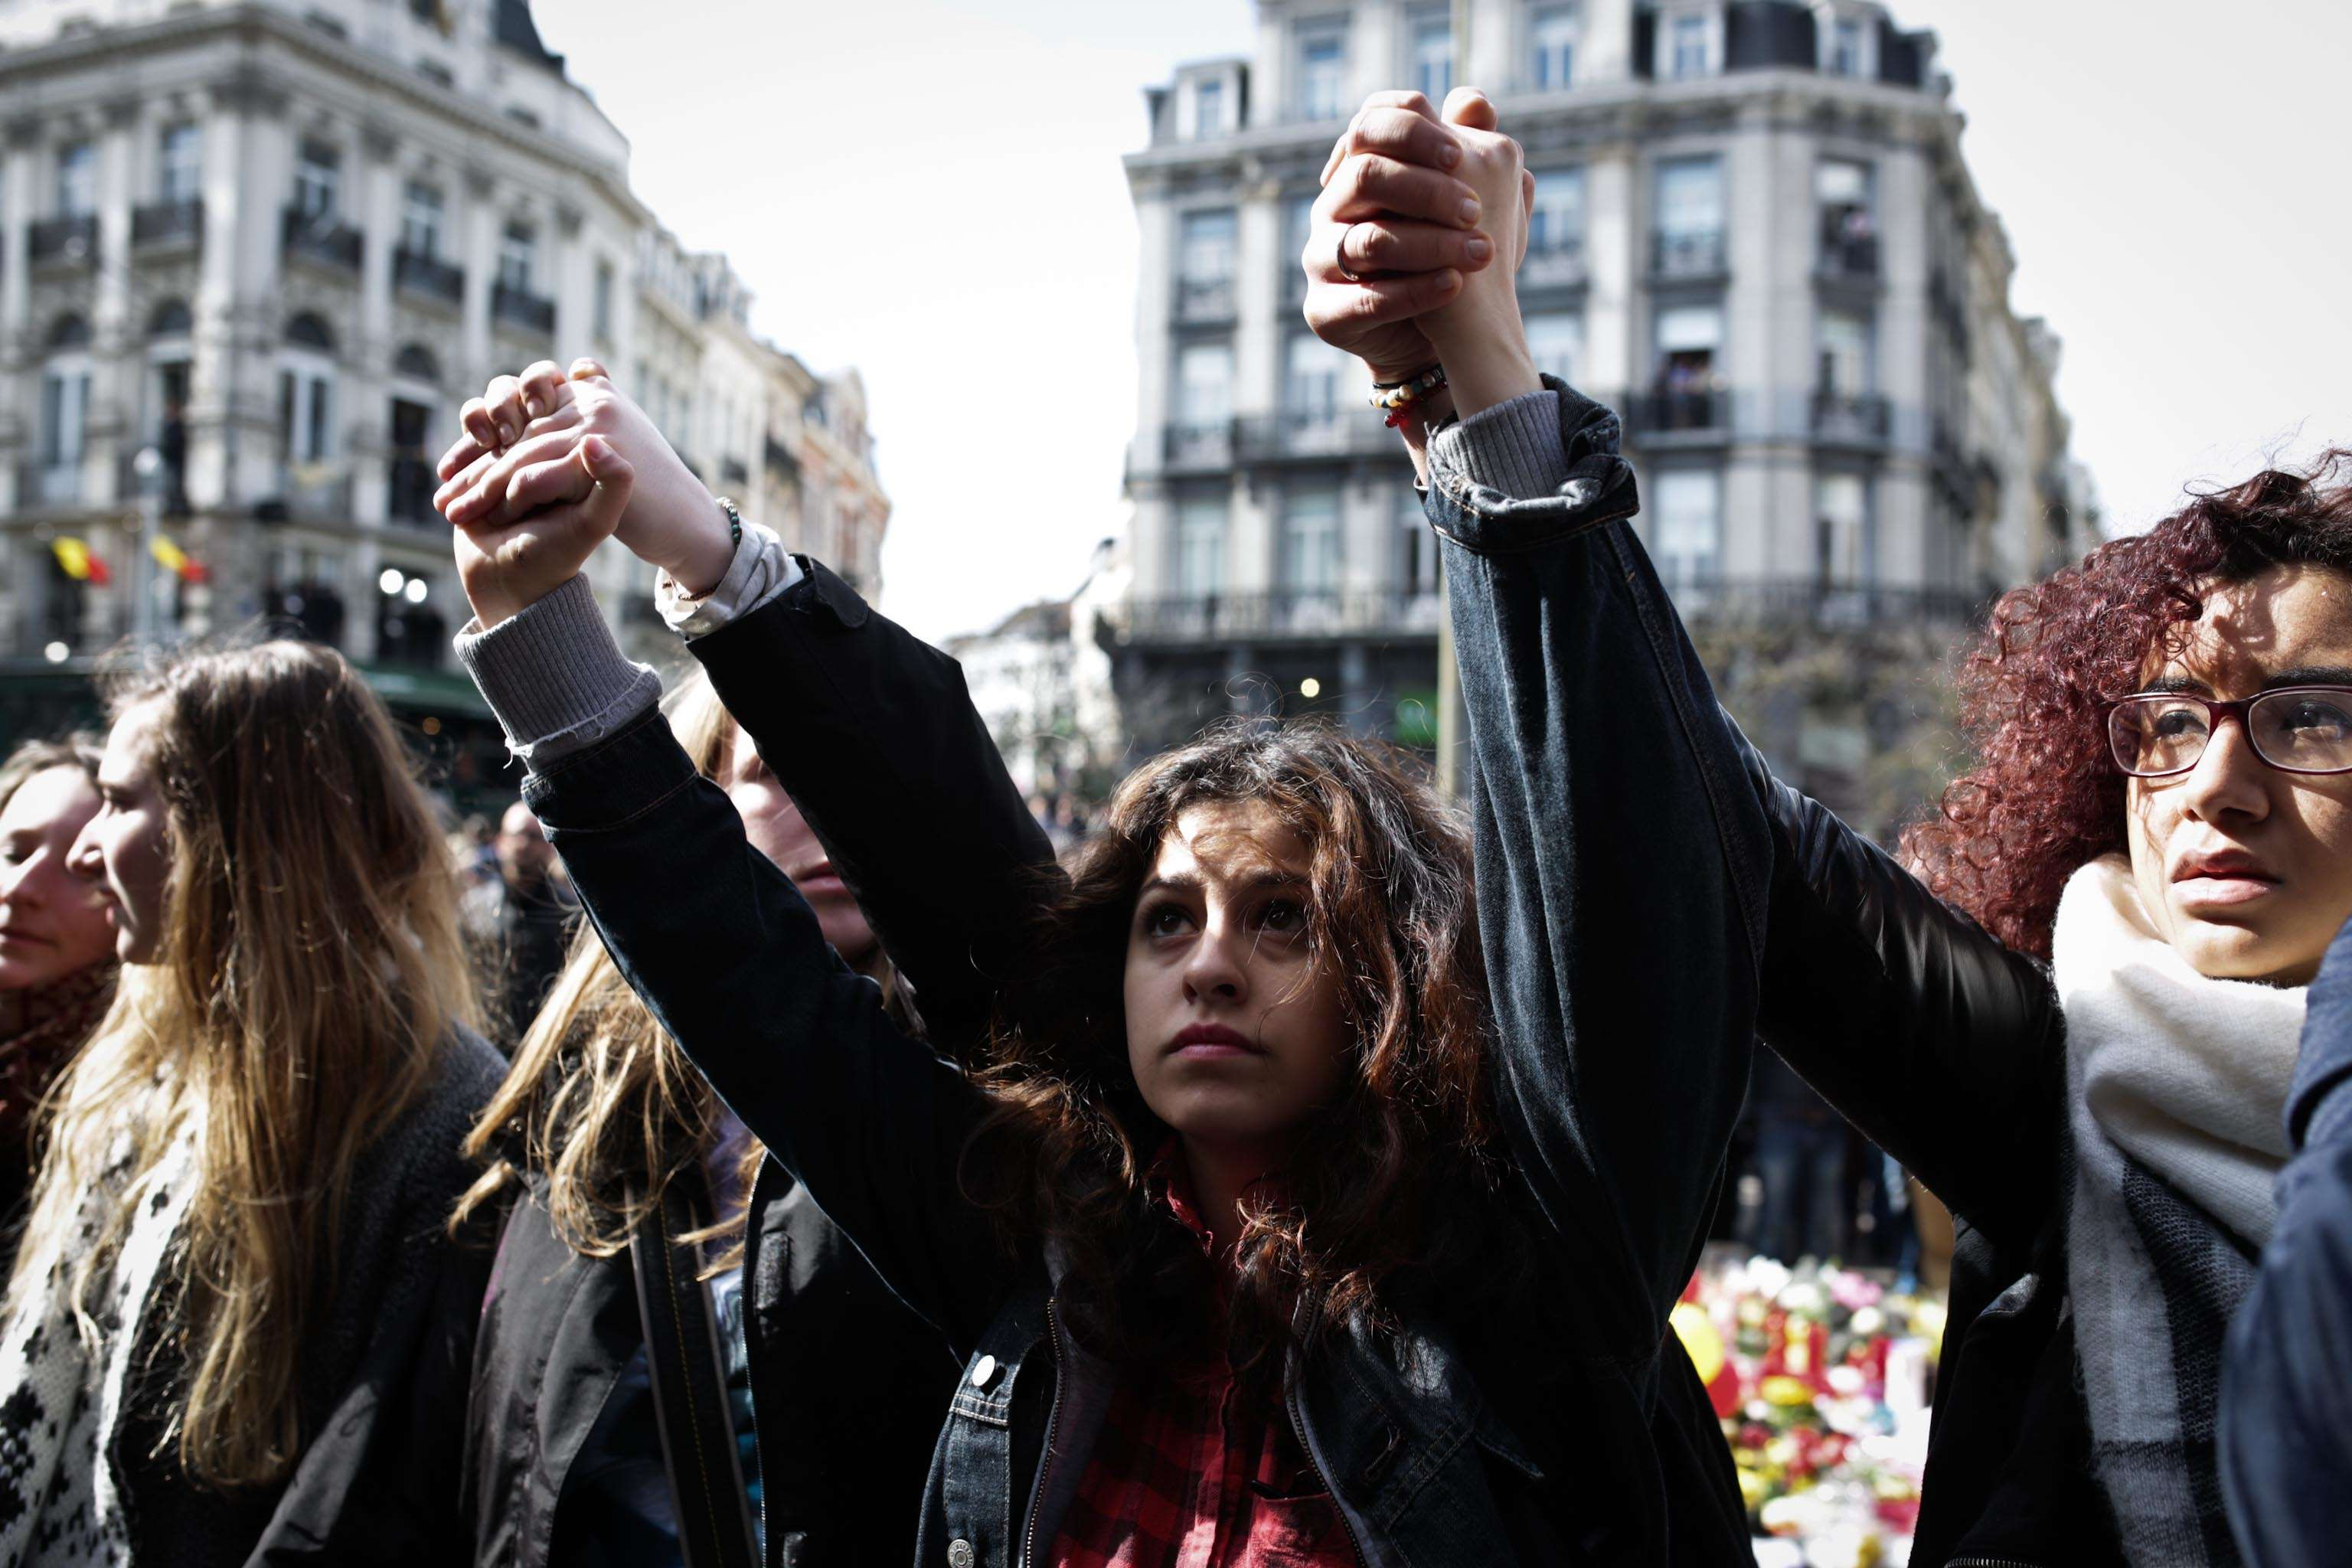 Le face-à-face s'est vite tendu avec les dizaines de personnes qui depuis mardi se relaient place de la Bourse, au coeur de Bruxelles, pour rendre hommage aux victimes, en silence ou en chansons.